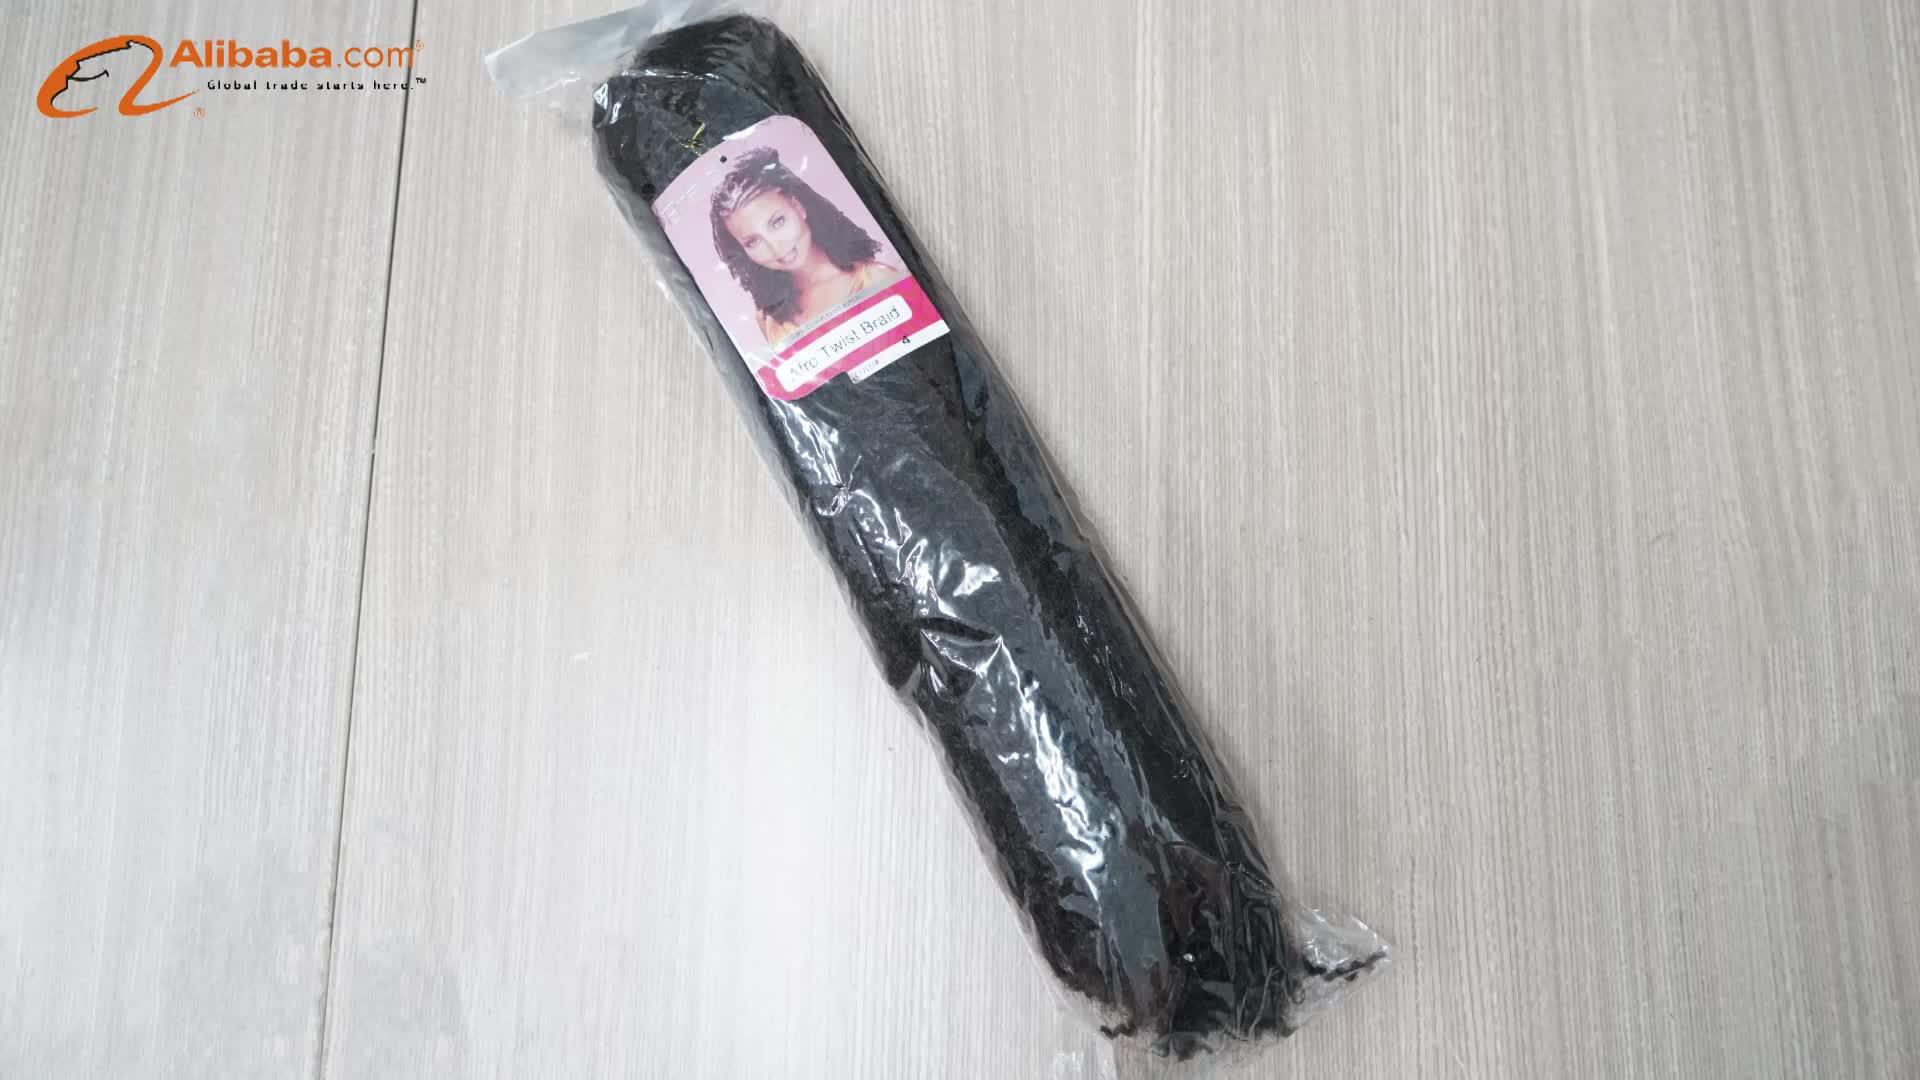 工場卸売ホット販売マーリー毛編組アフロカールマーリーブレイドヘアー合成アフロツイスト髪かぎ針編組